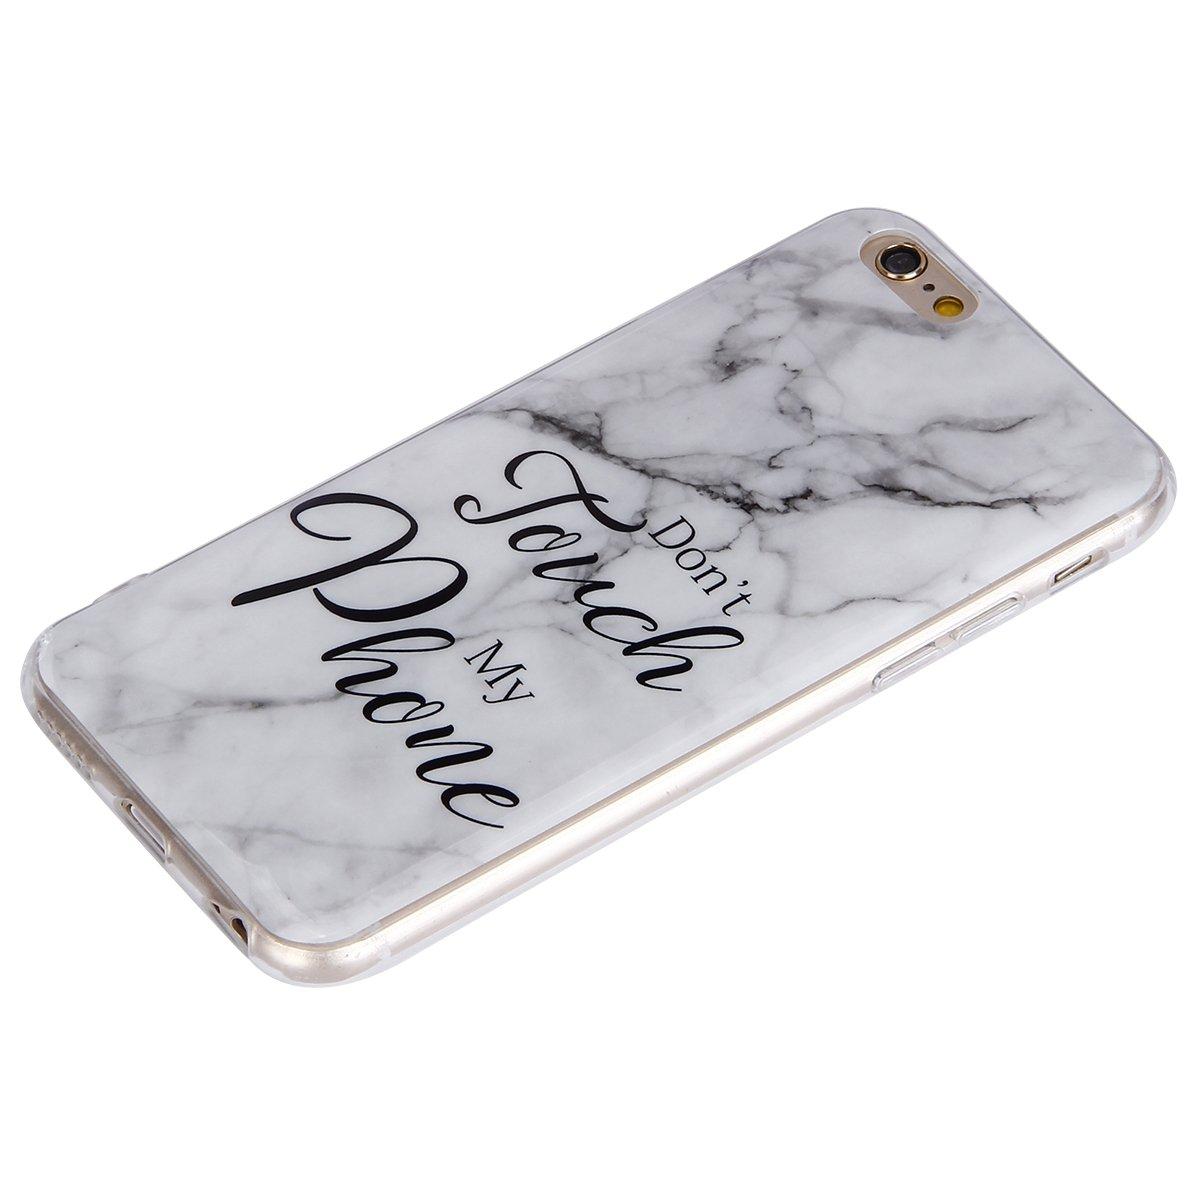 Coque iPhone 6S Plus,Coque iPhone 6 Plus,Surakey Marbre Motif Souple Silicone /Étui Protection Bumper Housse Clair Doux TPU Gel Ultra Mince Coque Etui Housse Case Cover pour iPhone 6//6S Plus 4